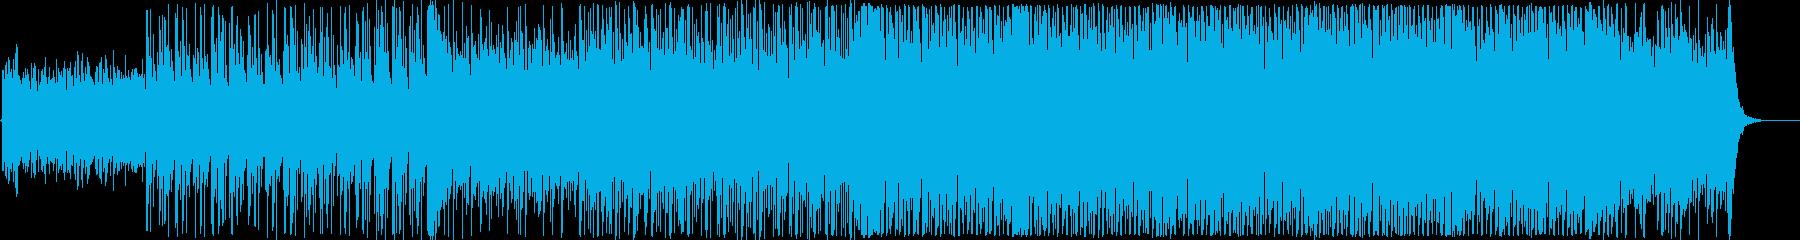 爽やかで勢いのある前向きなテクノEDMの再生済みの波形